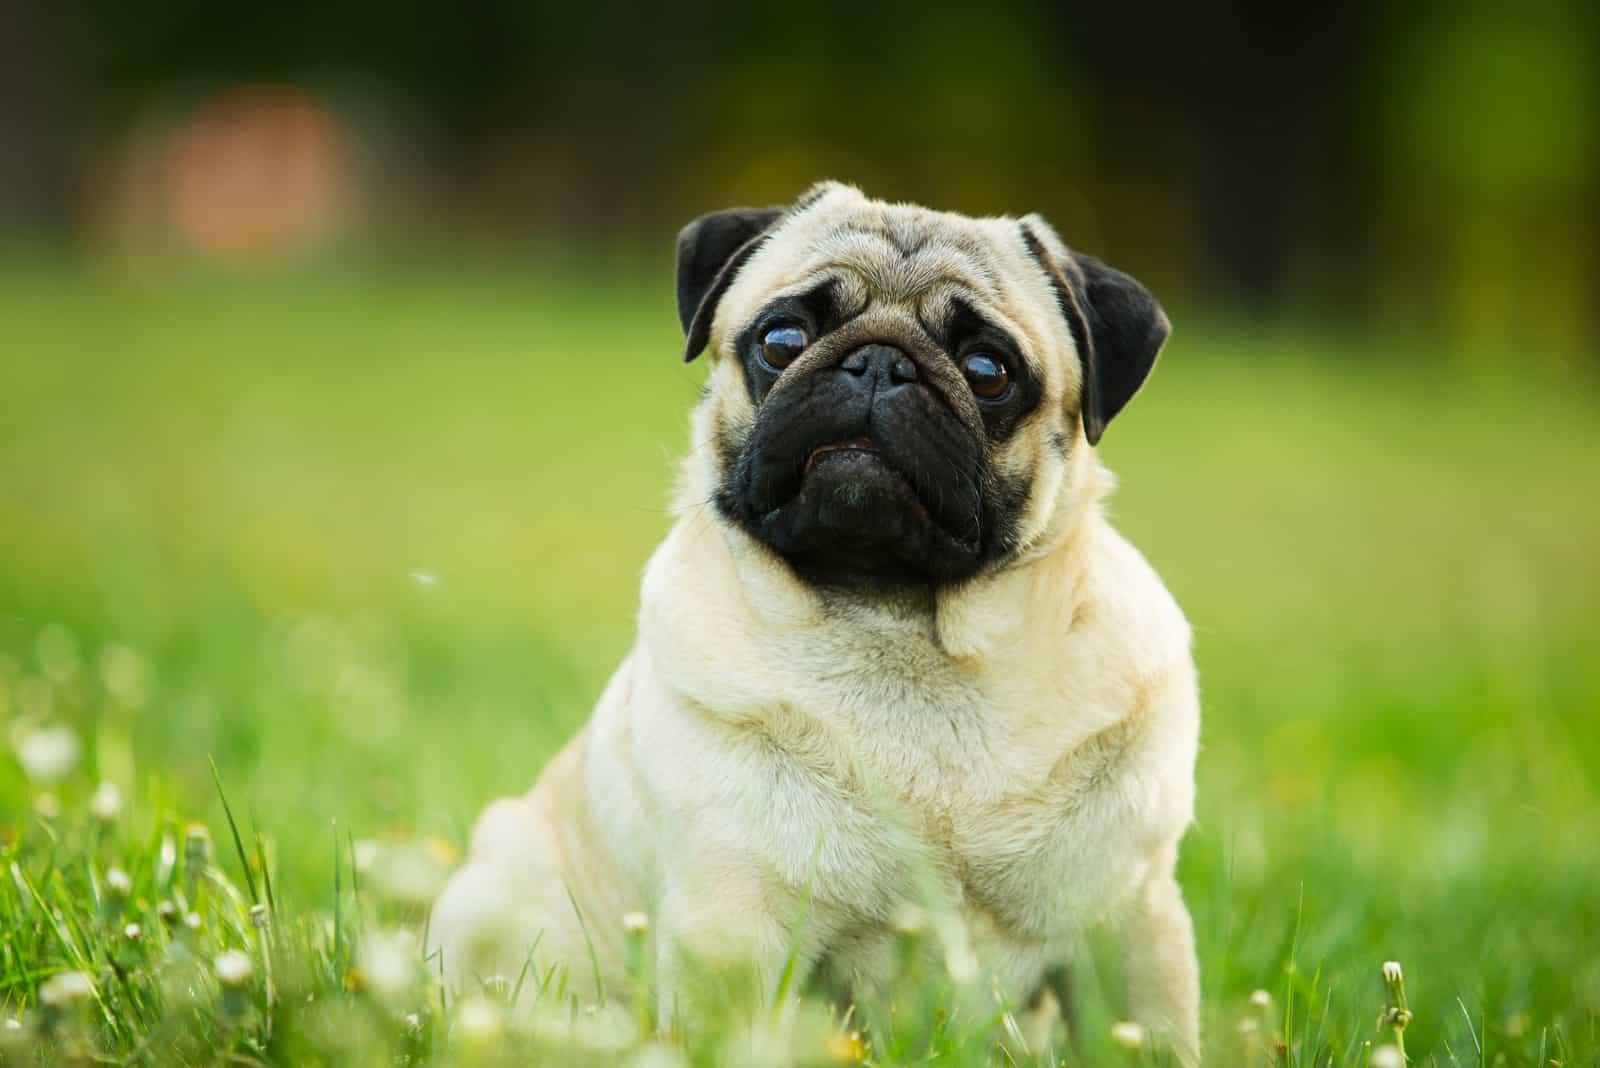 süßer Hund, der auf dem Gras sitzt